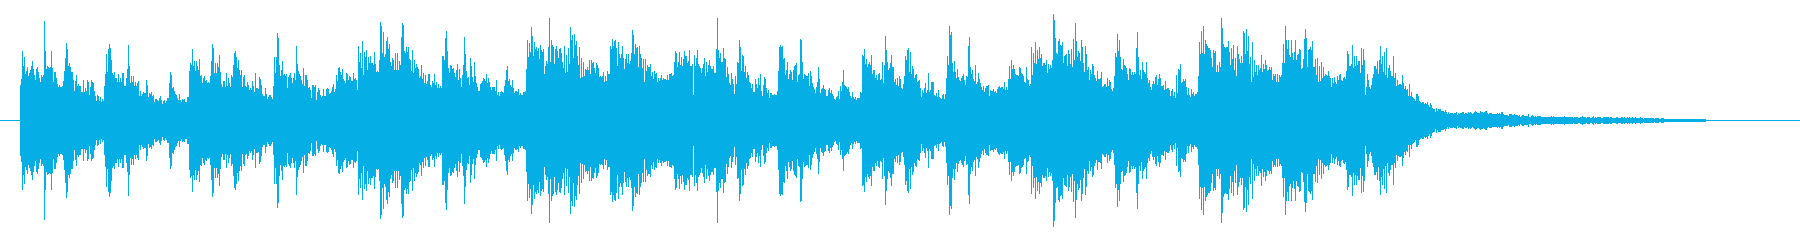 【ジングル】バイオリン・さわやか・神秘的の再生済みの波形